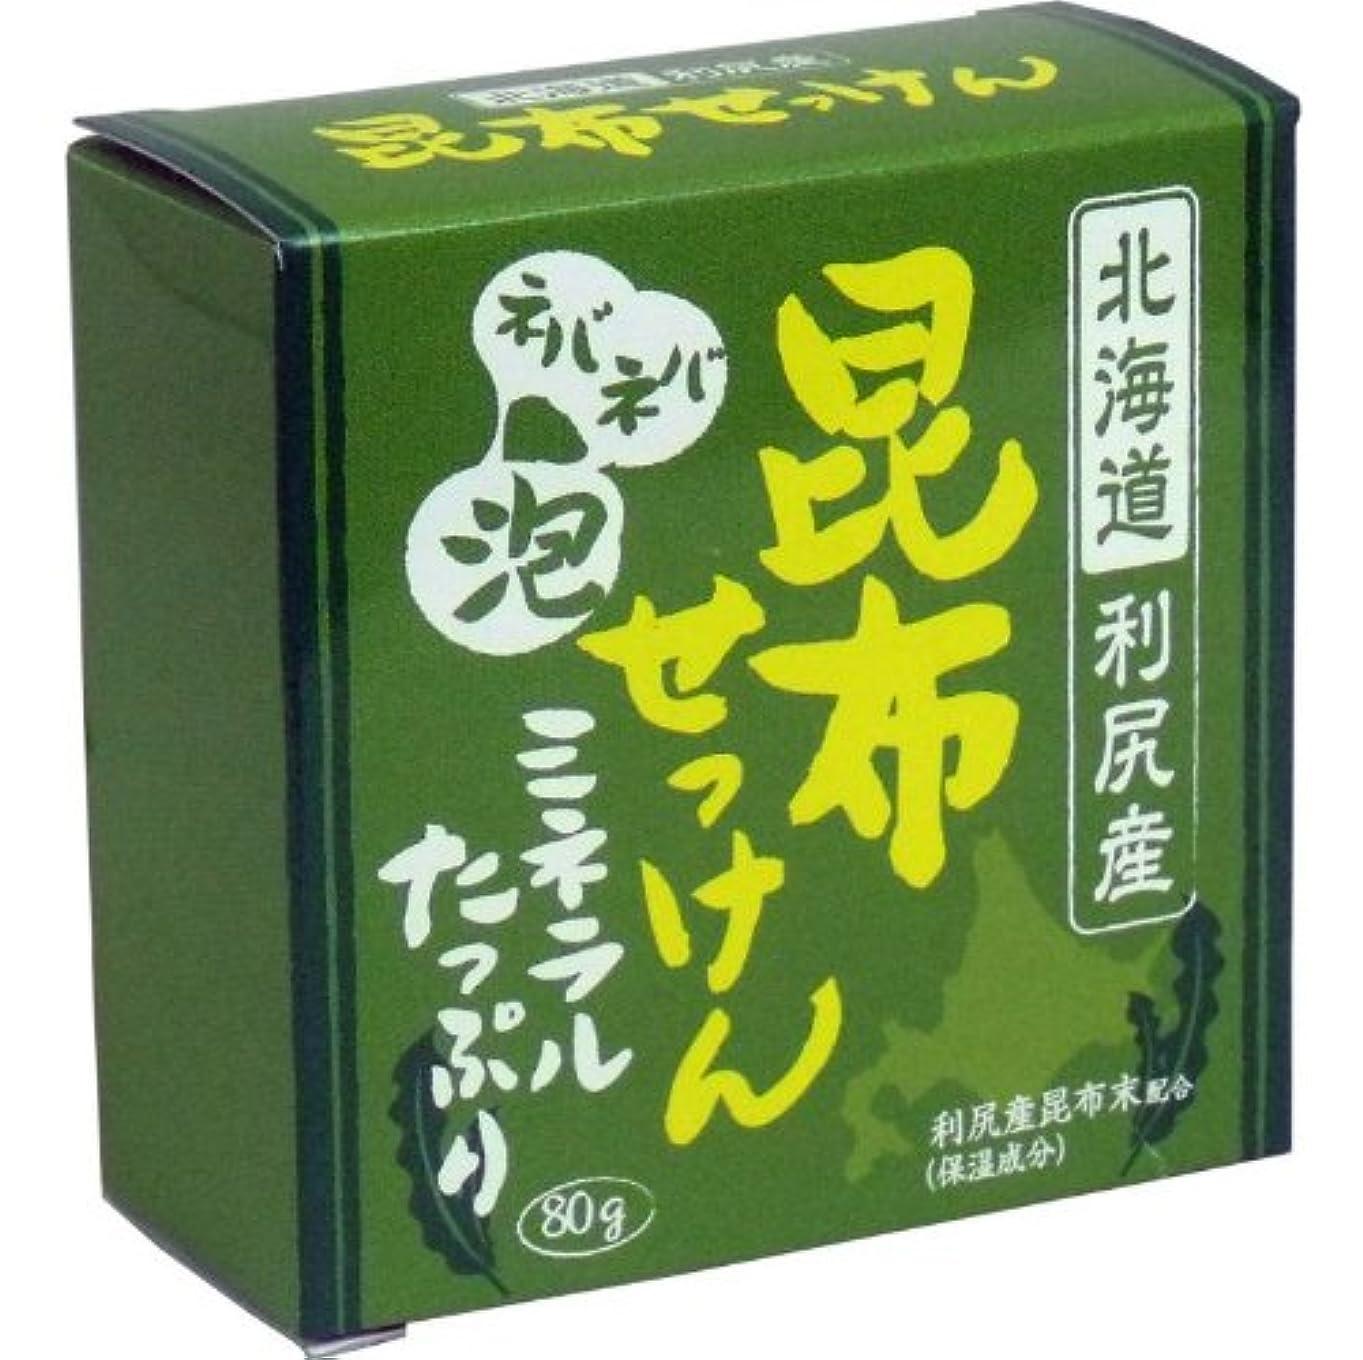 実装する委託インレイ北海道利尻産昆布末配合!!ミネラルたっぷりの化粧石鹸です!3個セット